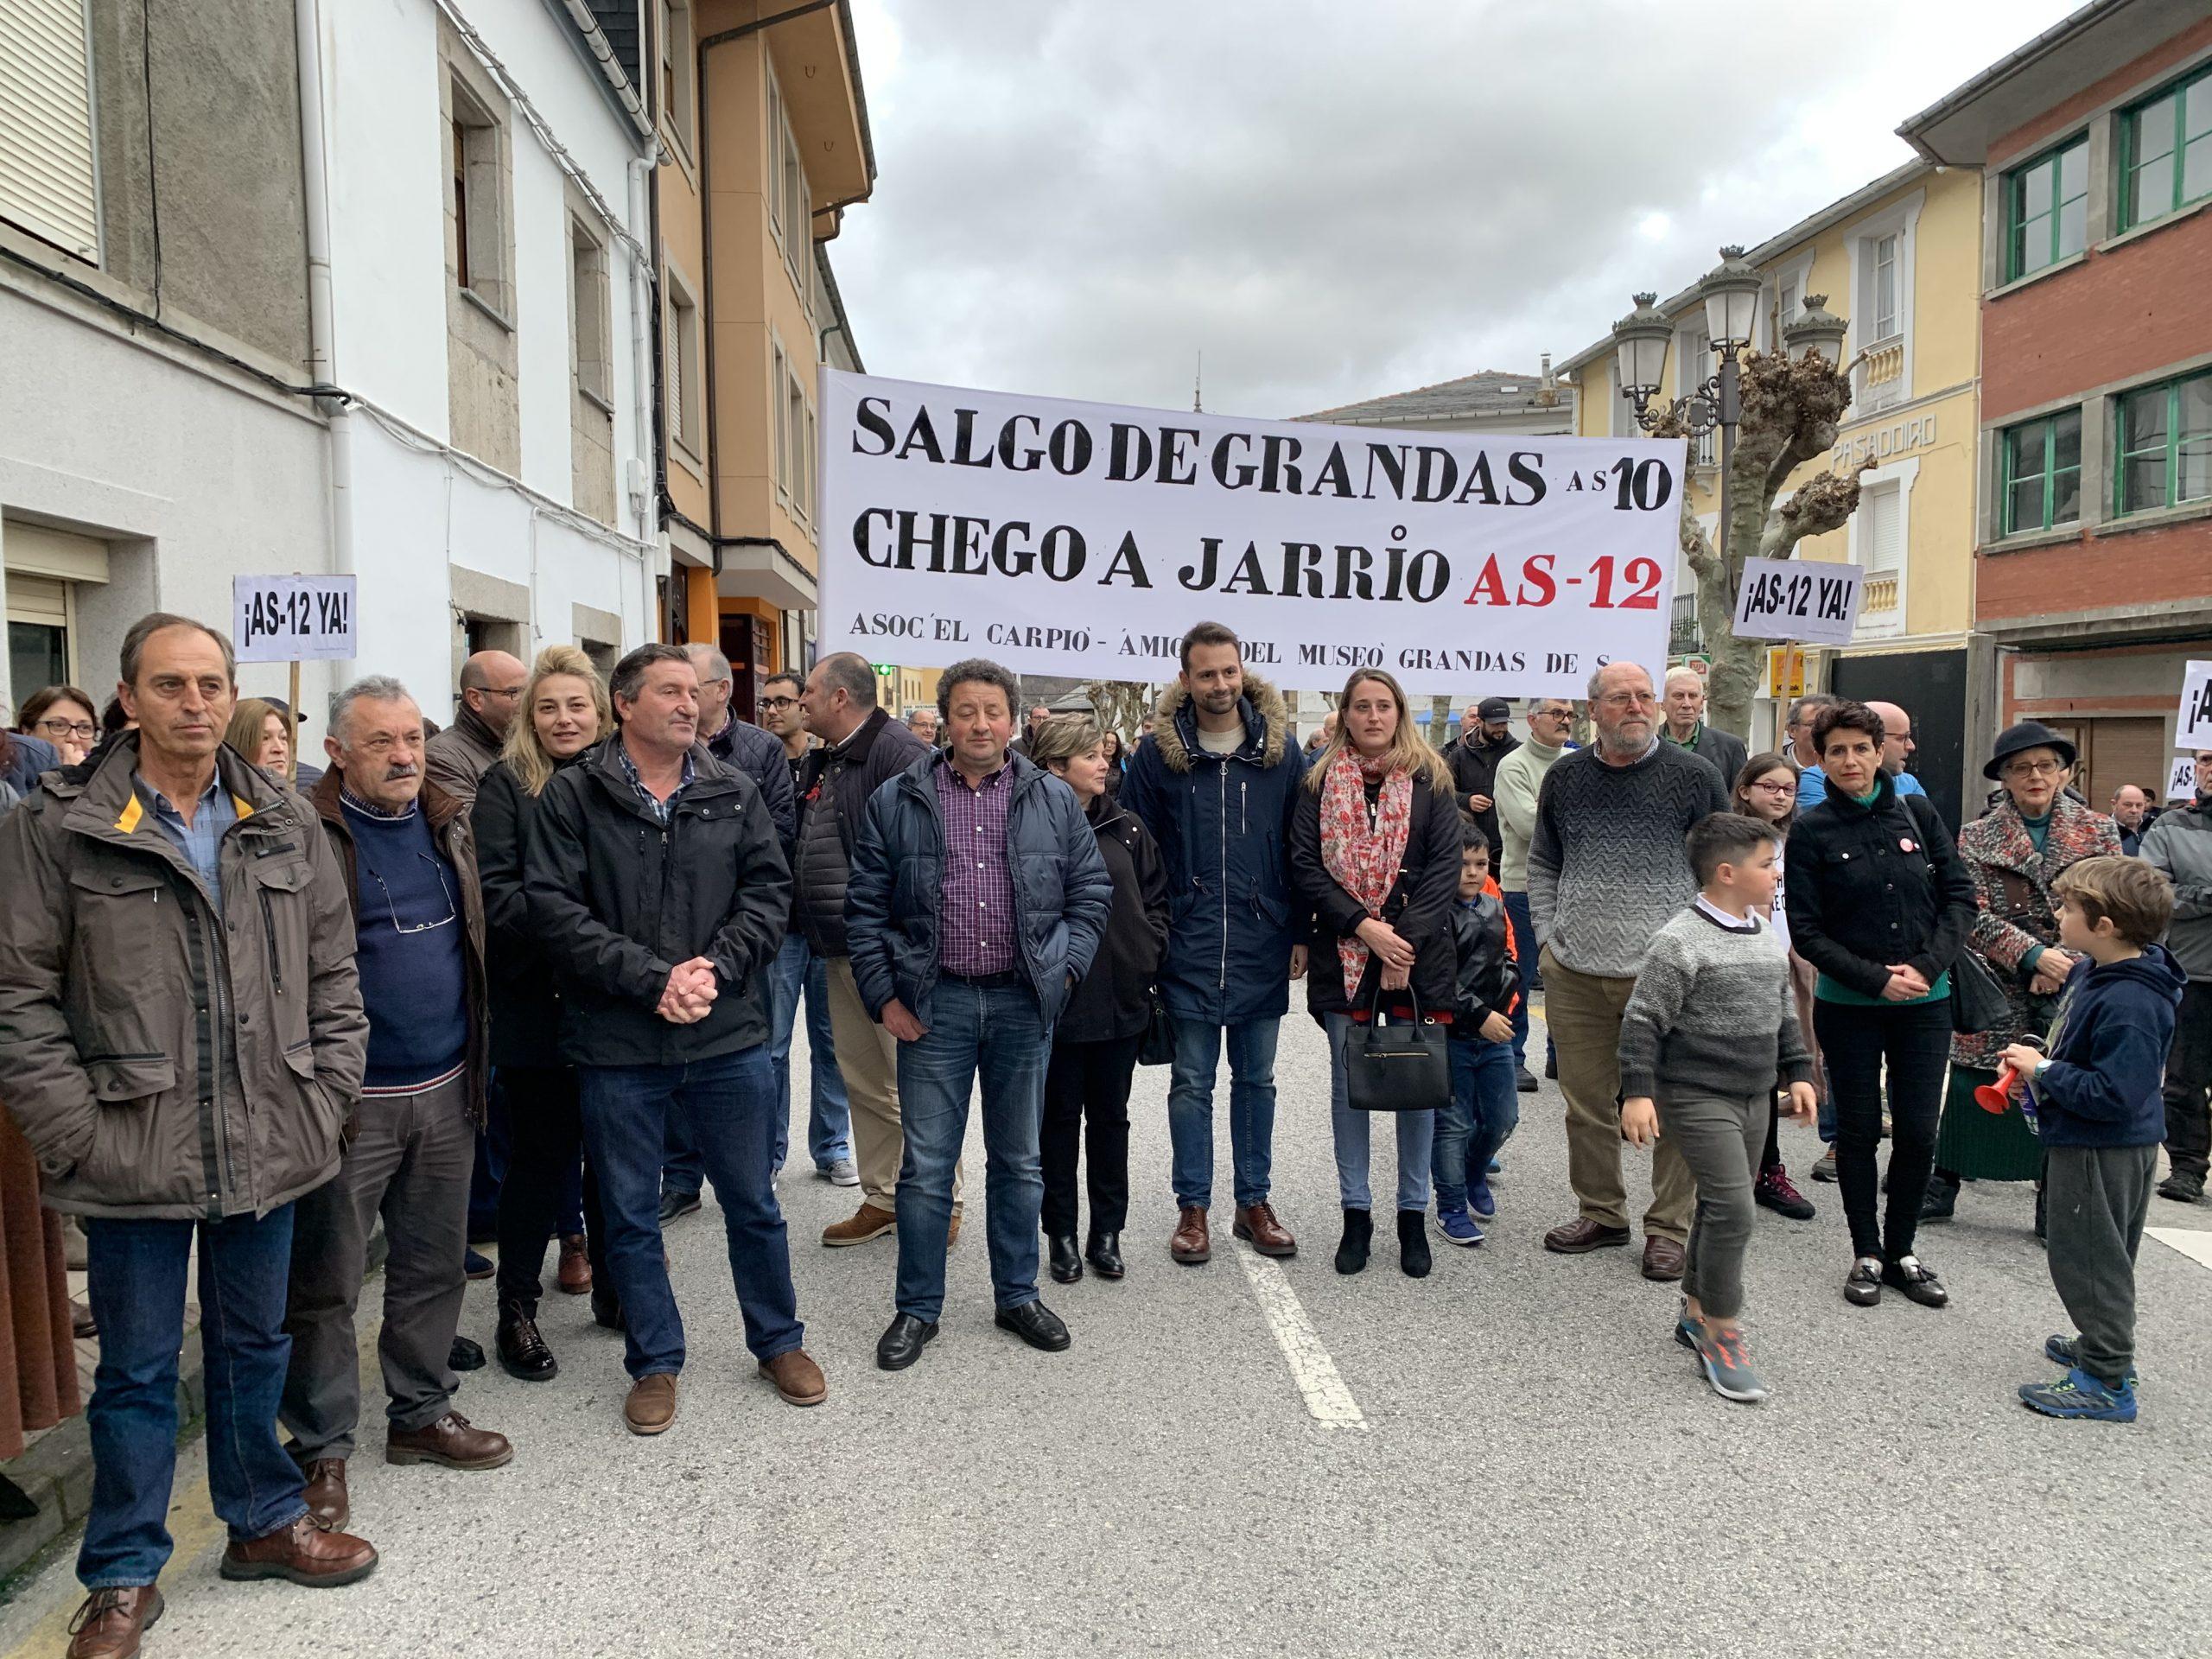 """La Plataforma de los Valles del Navia recogerá firmas ante el """"escaso compromiso"""" del gobierno regional con la carretera As-12 Navia-Alto del Acebo"""